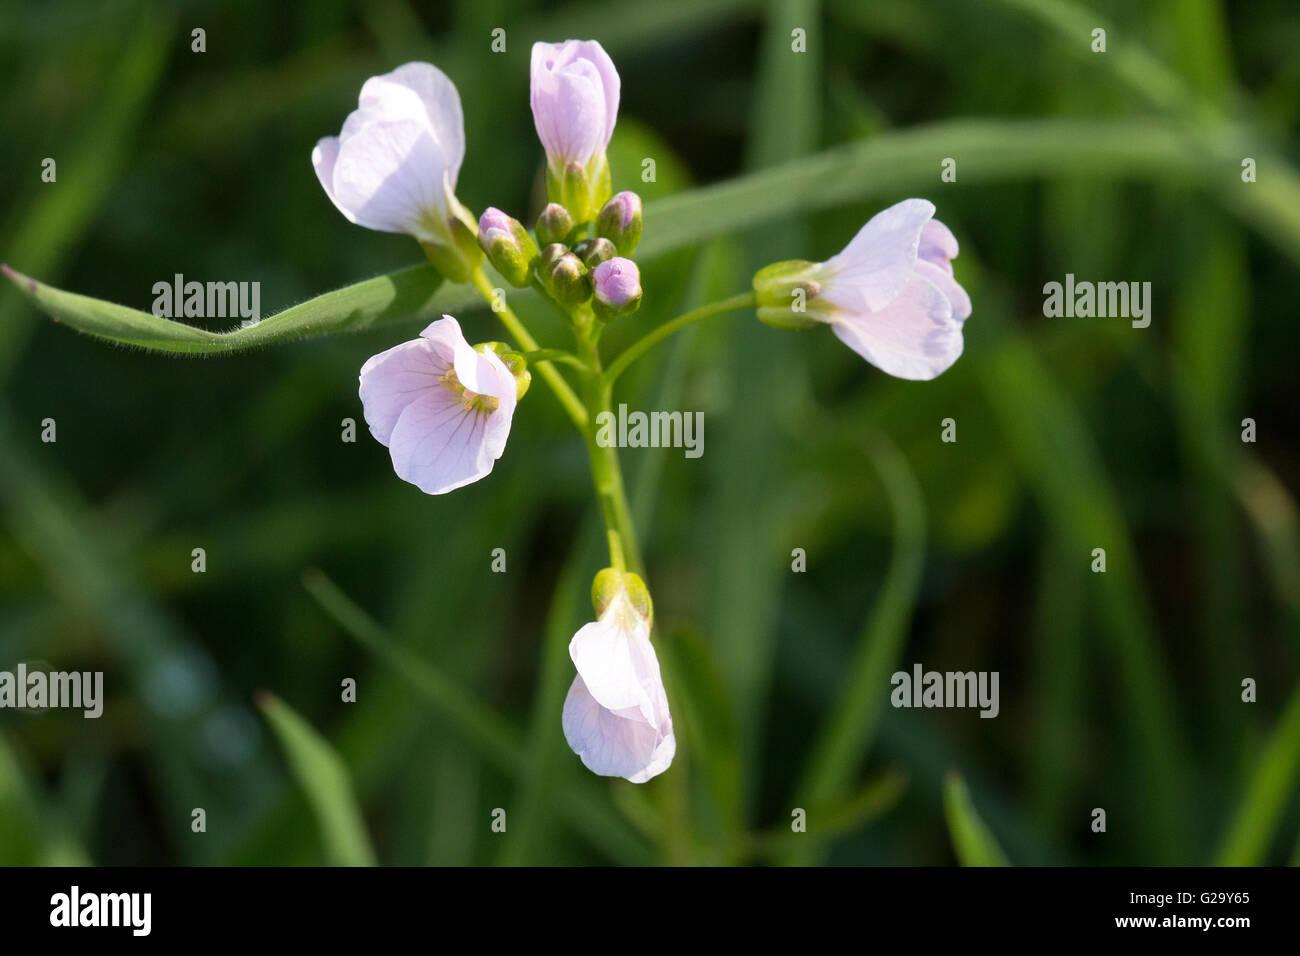 Wiesen Schaumkraut mit Blüten und Knospen Limnanthes seme con fiori e boccioli Immagini Stock